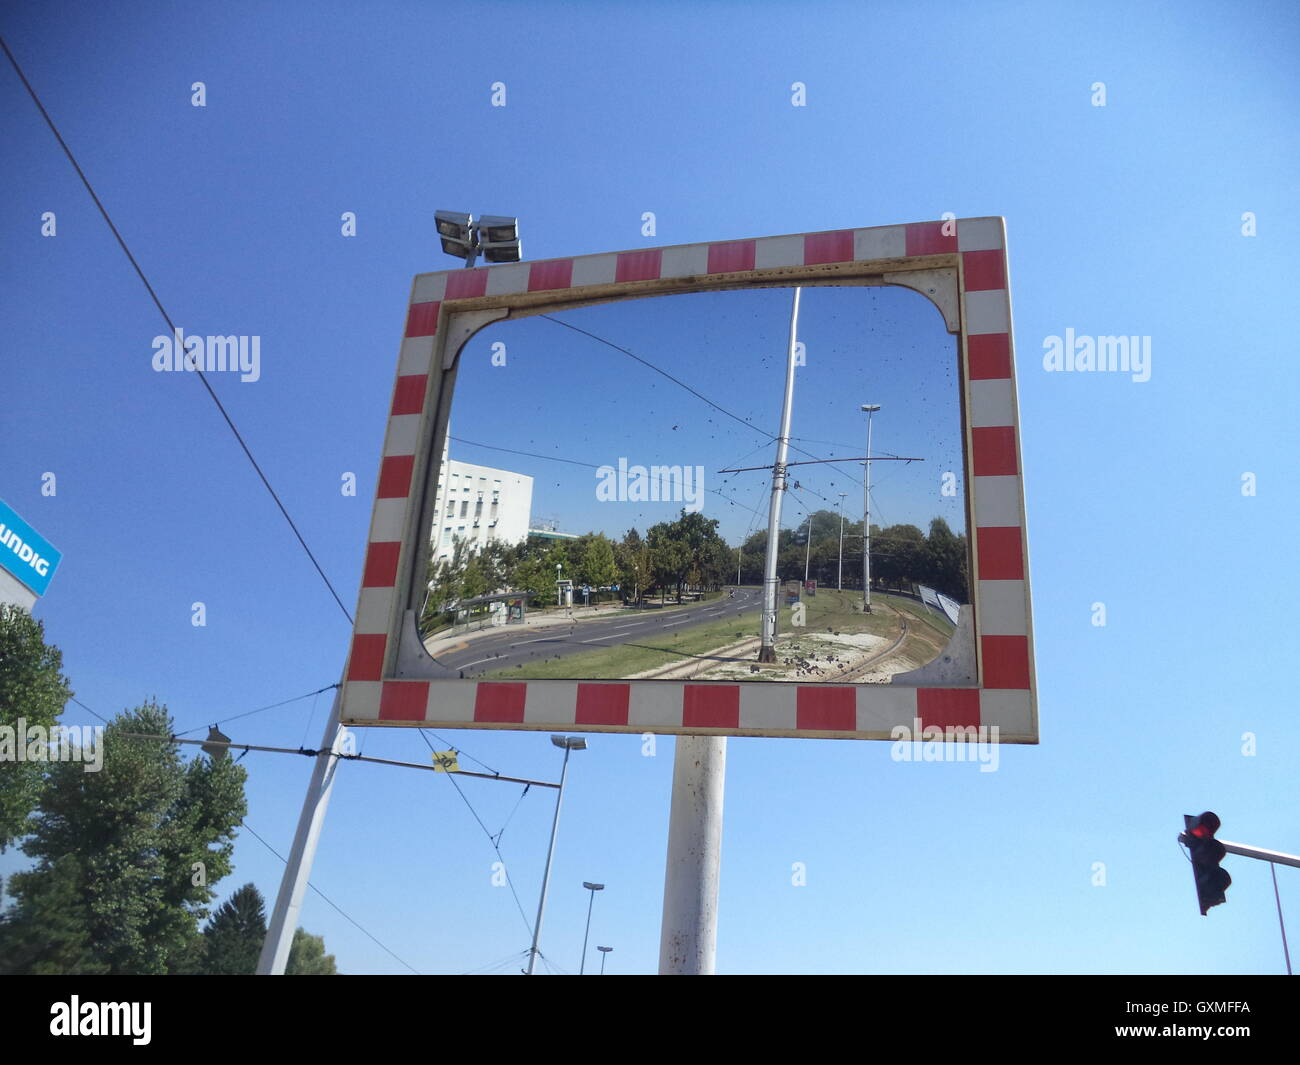 Specchio ad un crocevia, traffico, sfondi, textures , uno spazio per la scrittura dei messaggi, immagini sfocate Immagini Stock